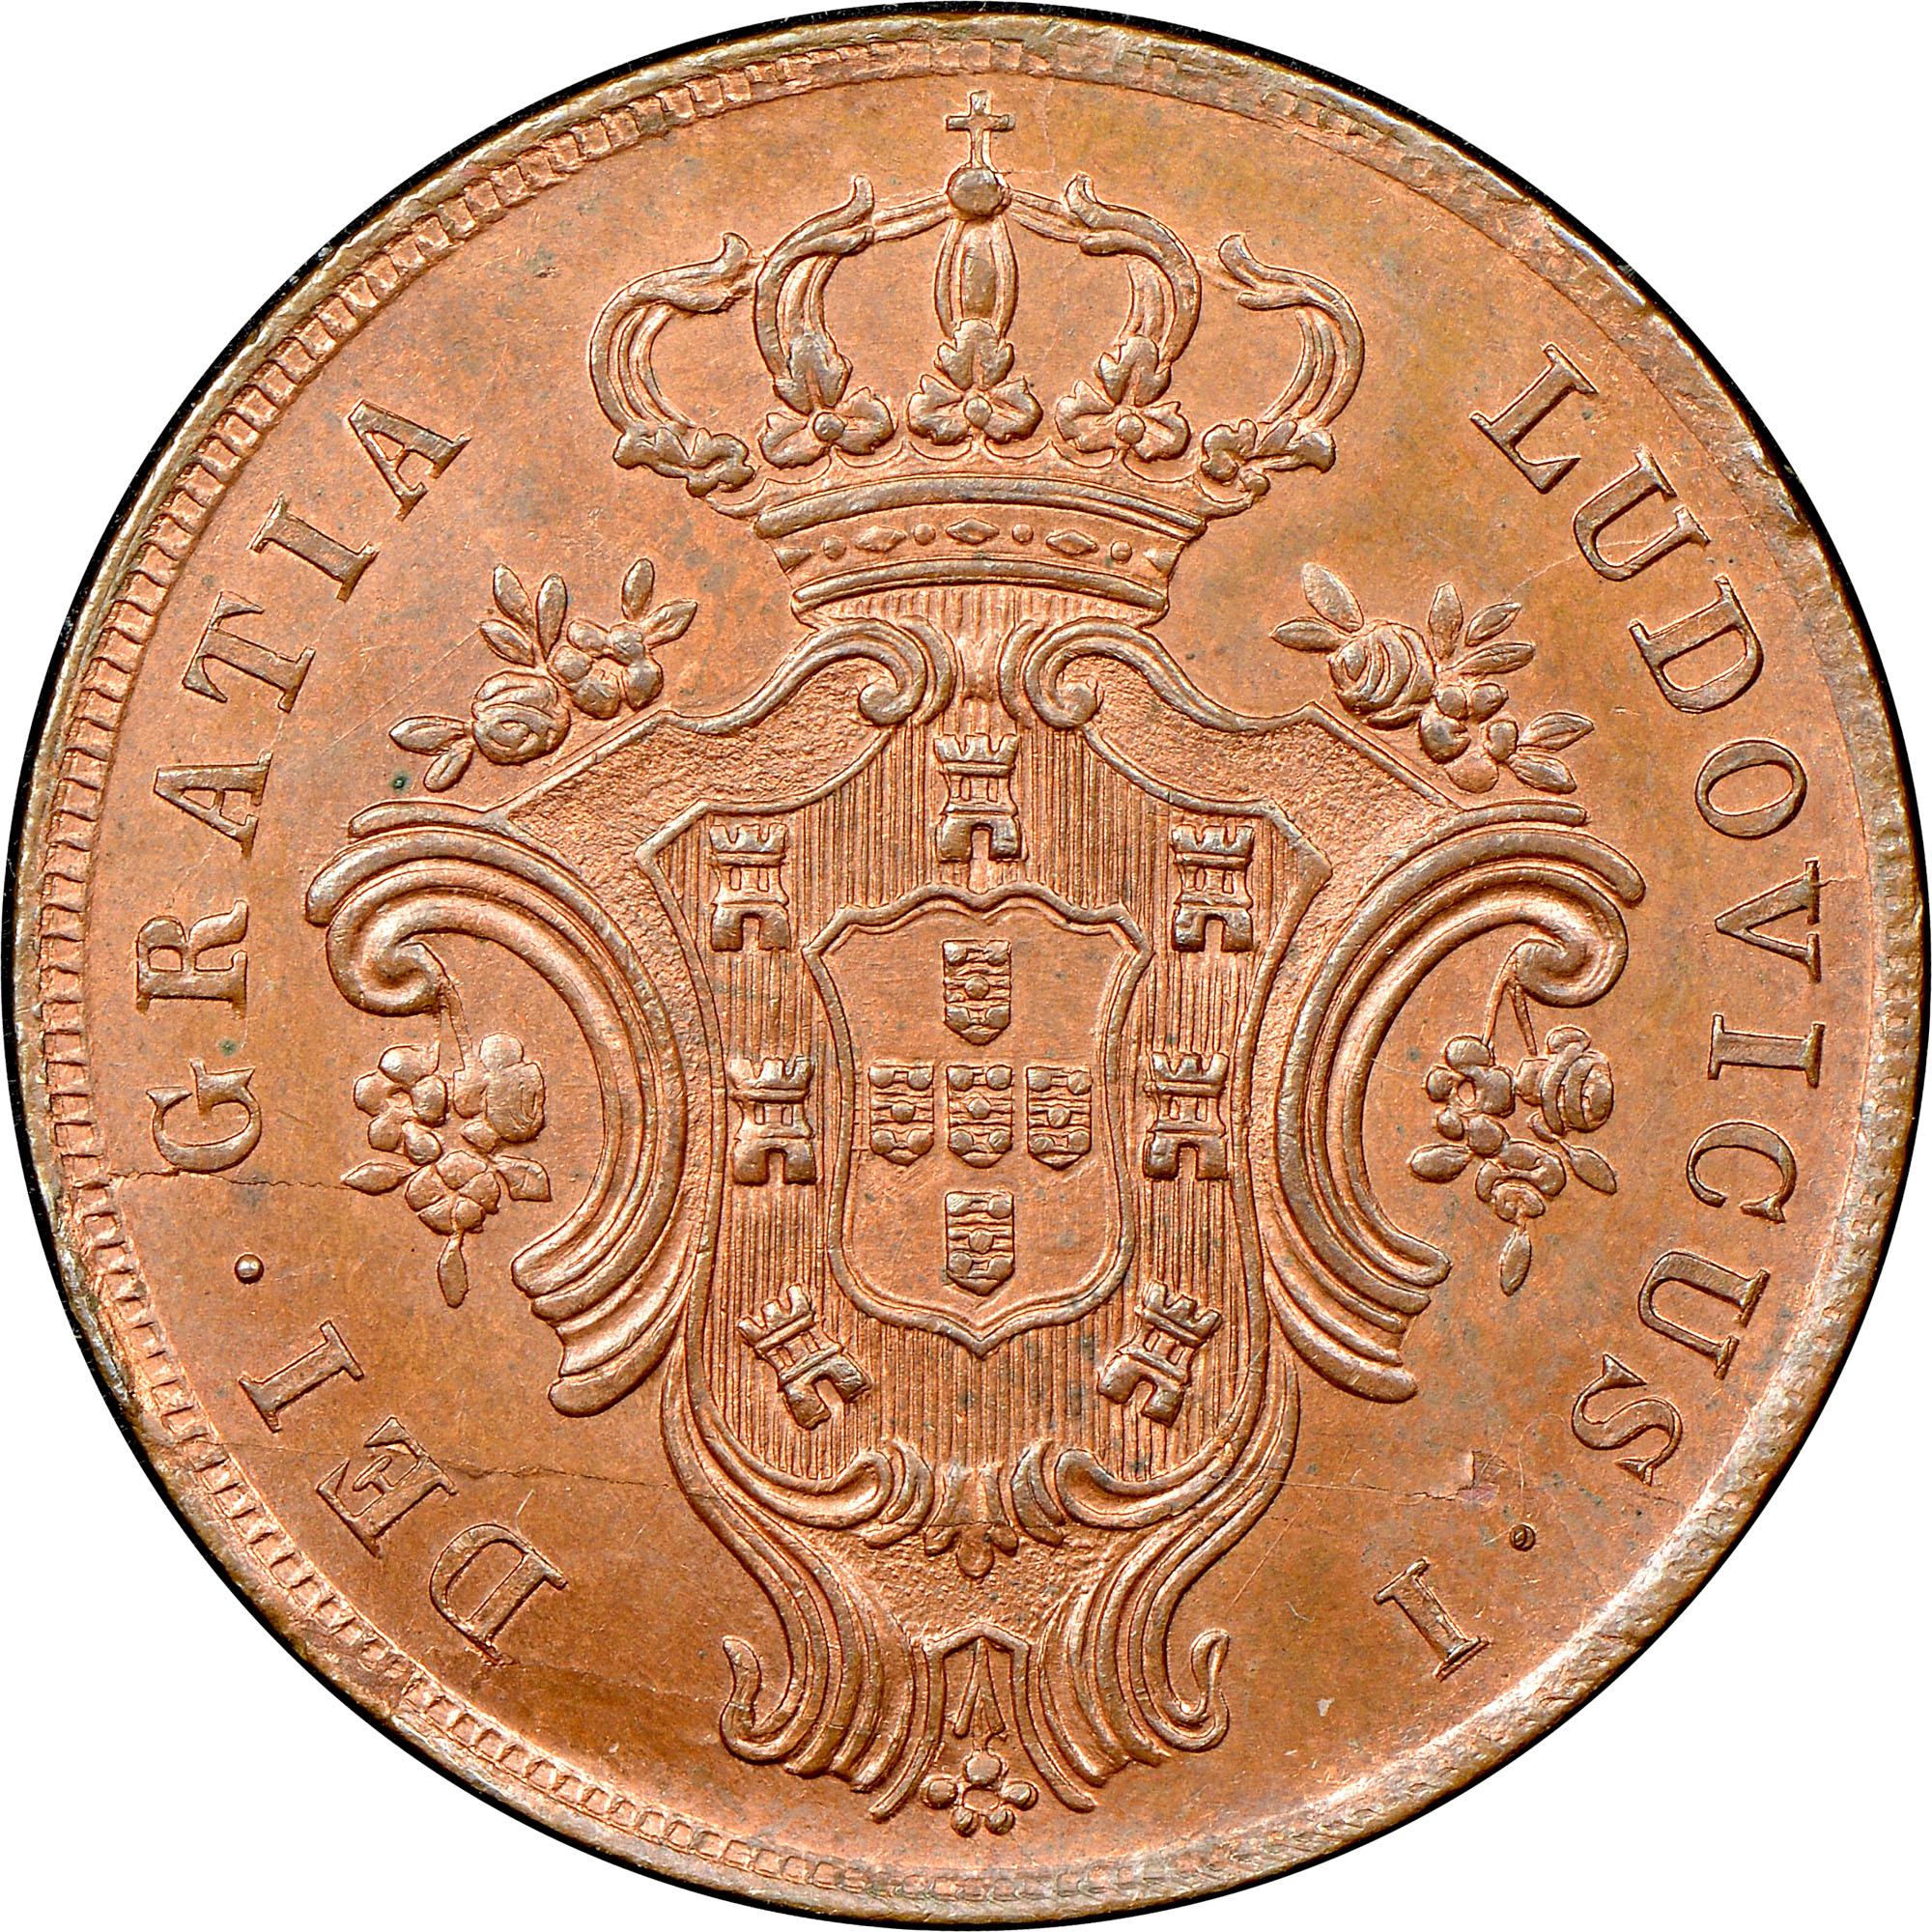 Azores 10 Reis obverse